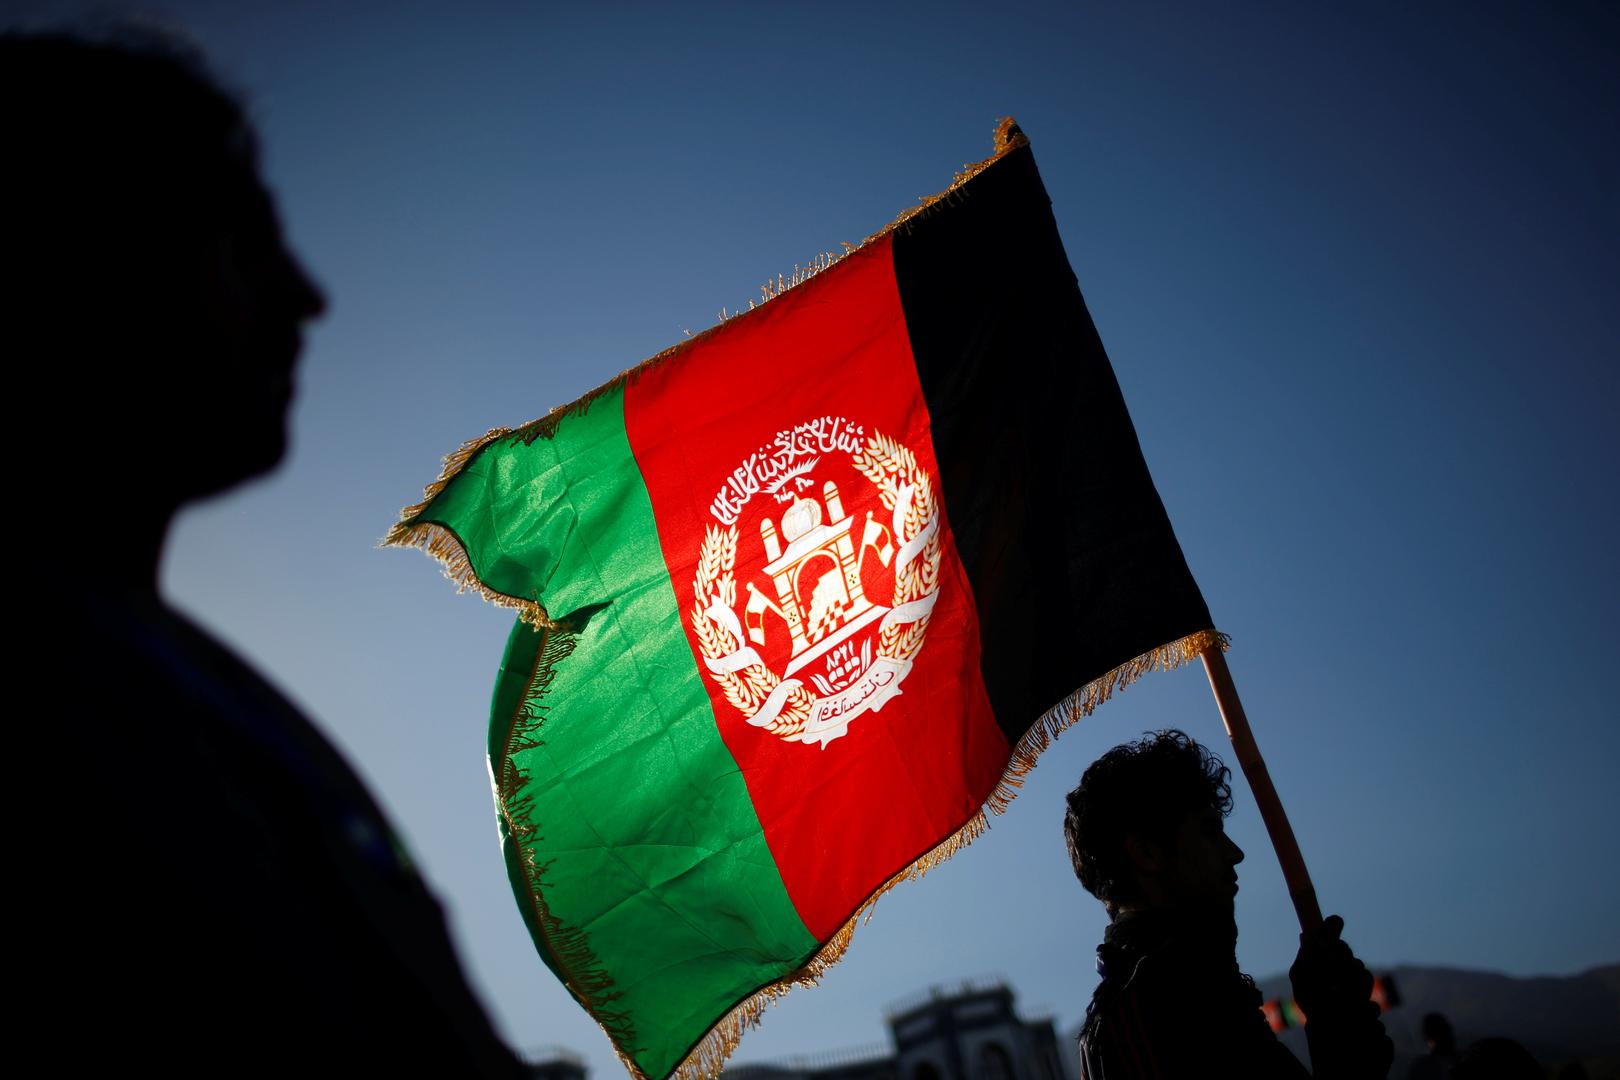 وكالة: مجلس جديد يتولى إدارة أفغانستان ويسلم السلطة لاحقا إلى